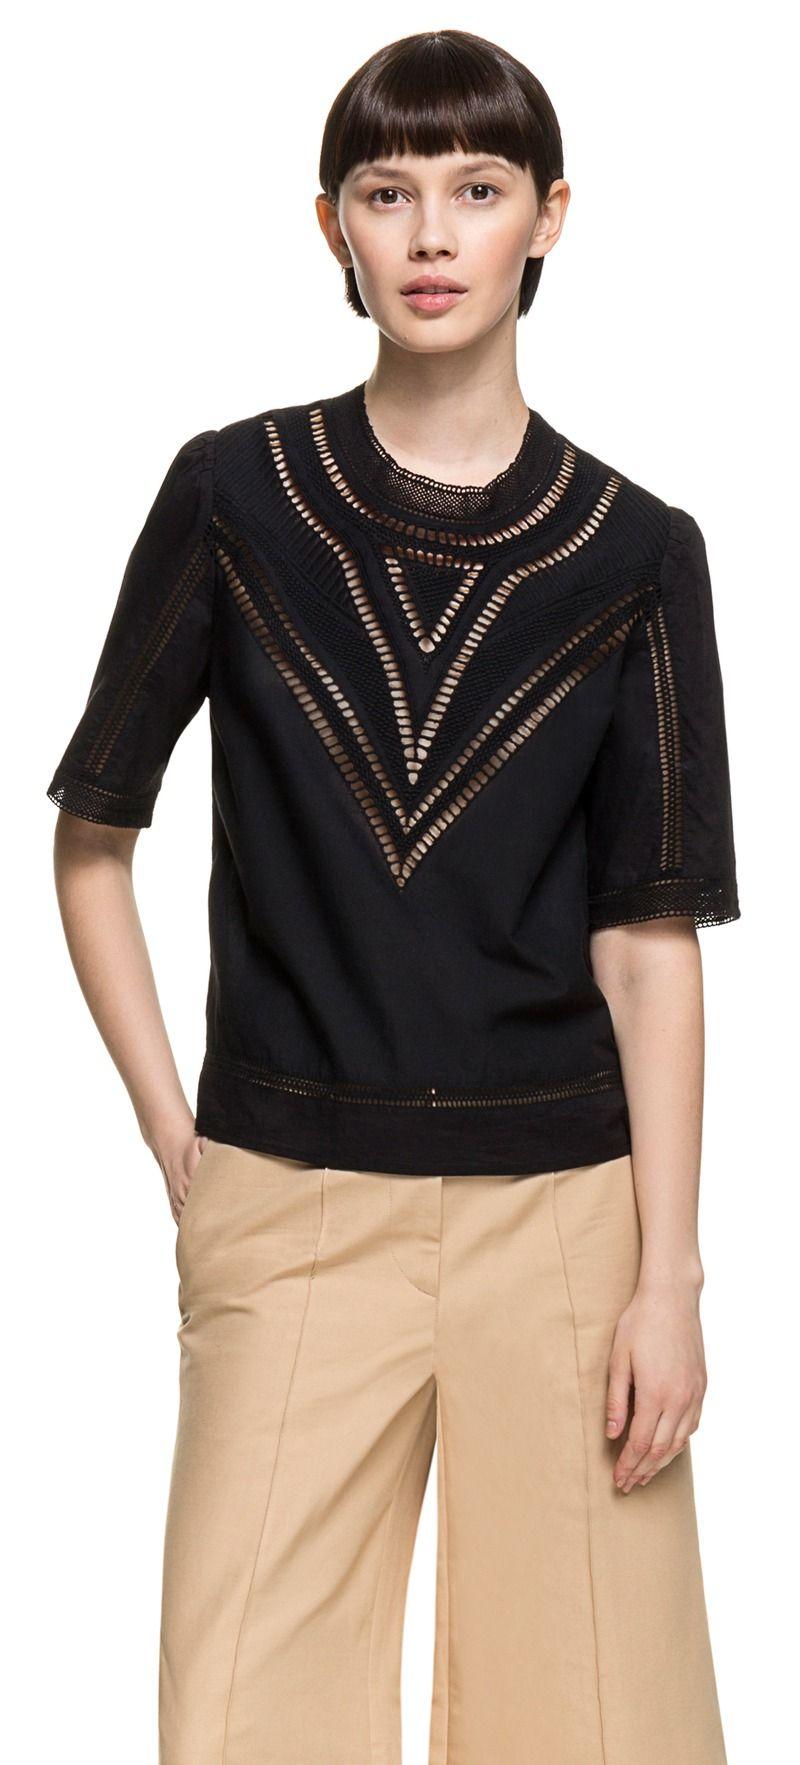 Blusa bordada negra | BIMBA Y LOLA ®